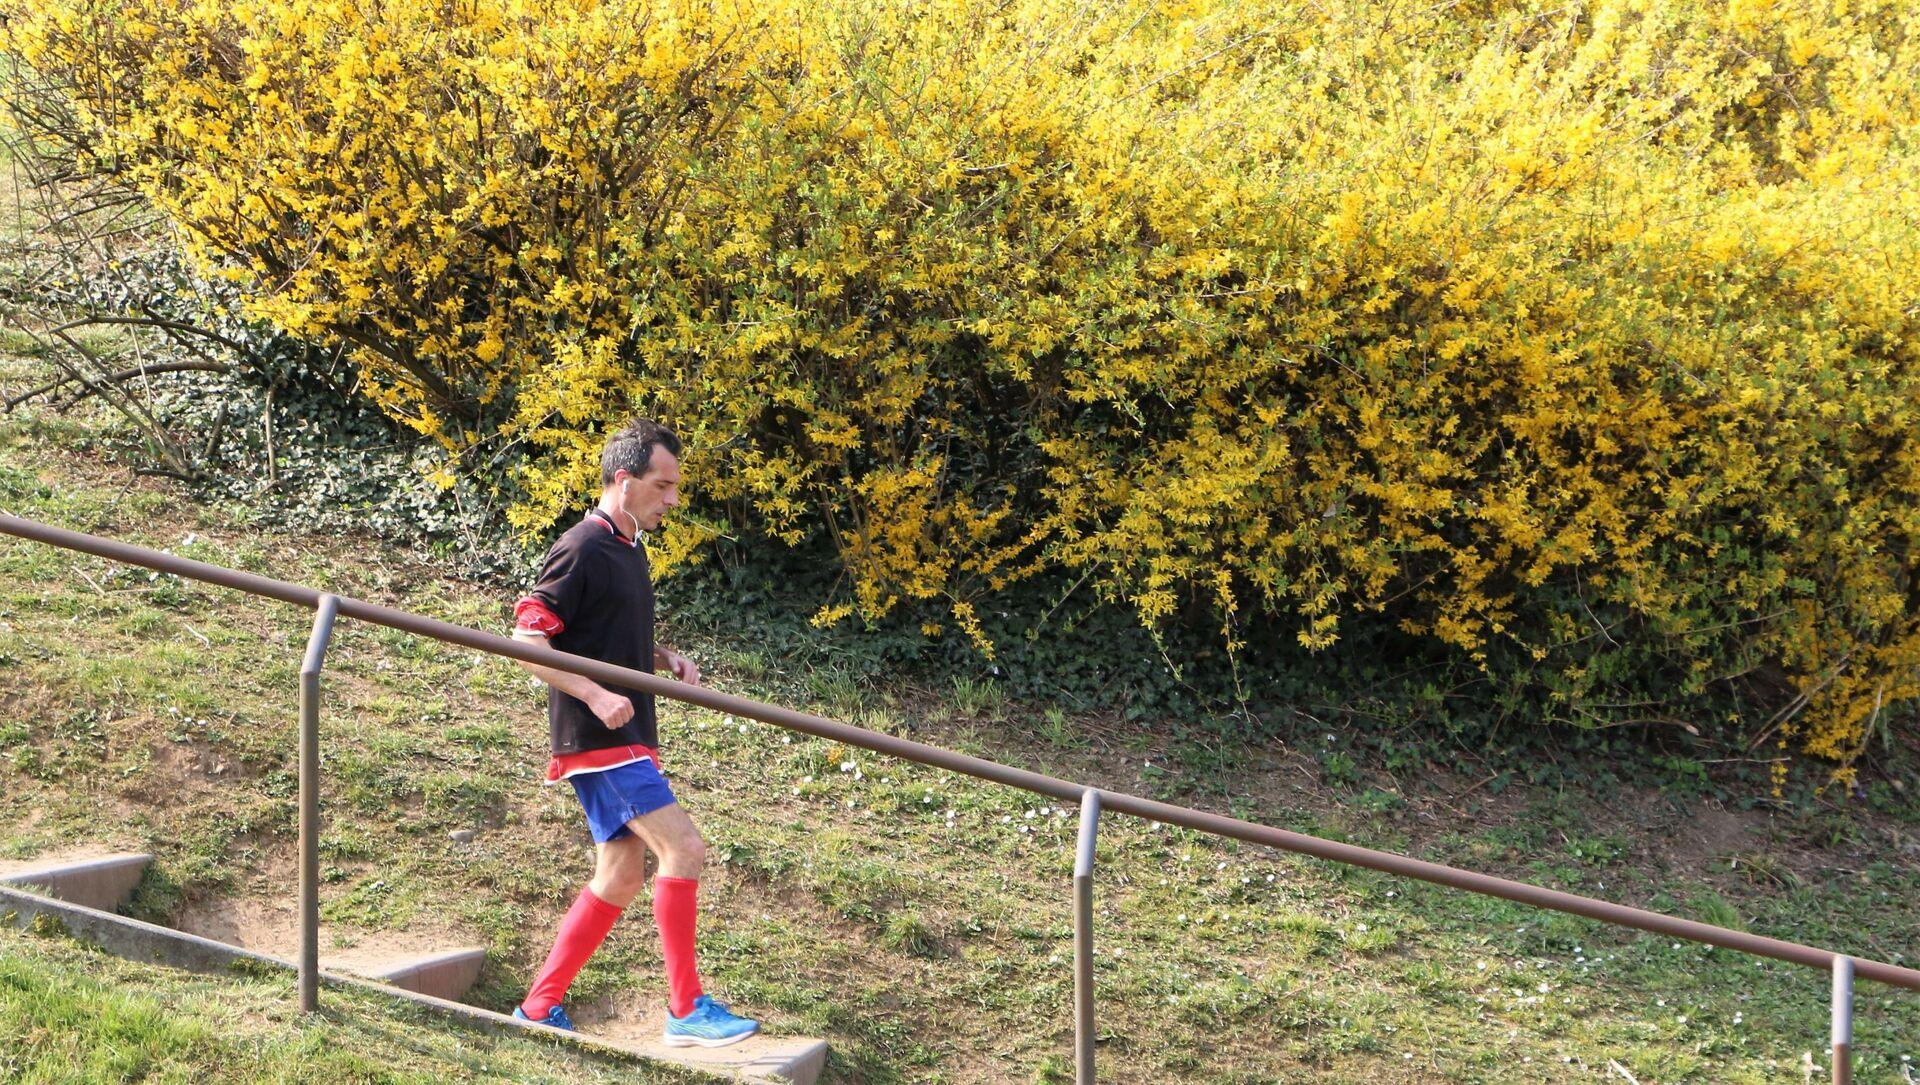 Un uomo corre in un parco - Sputnik Italia, 1920, 13.05.2021